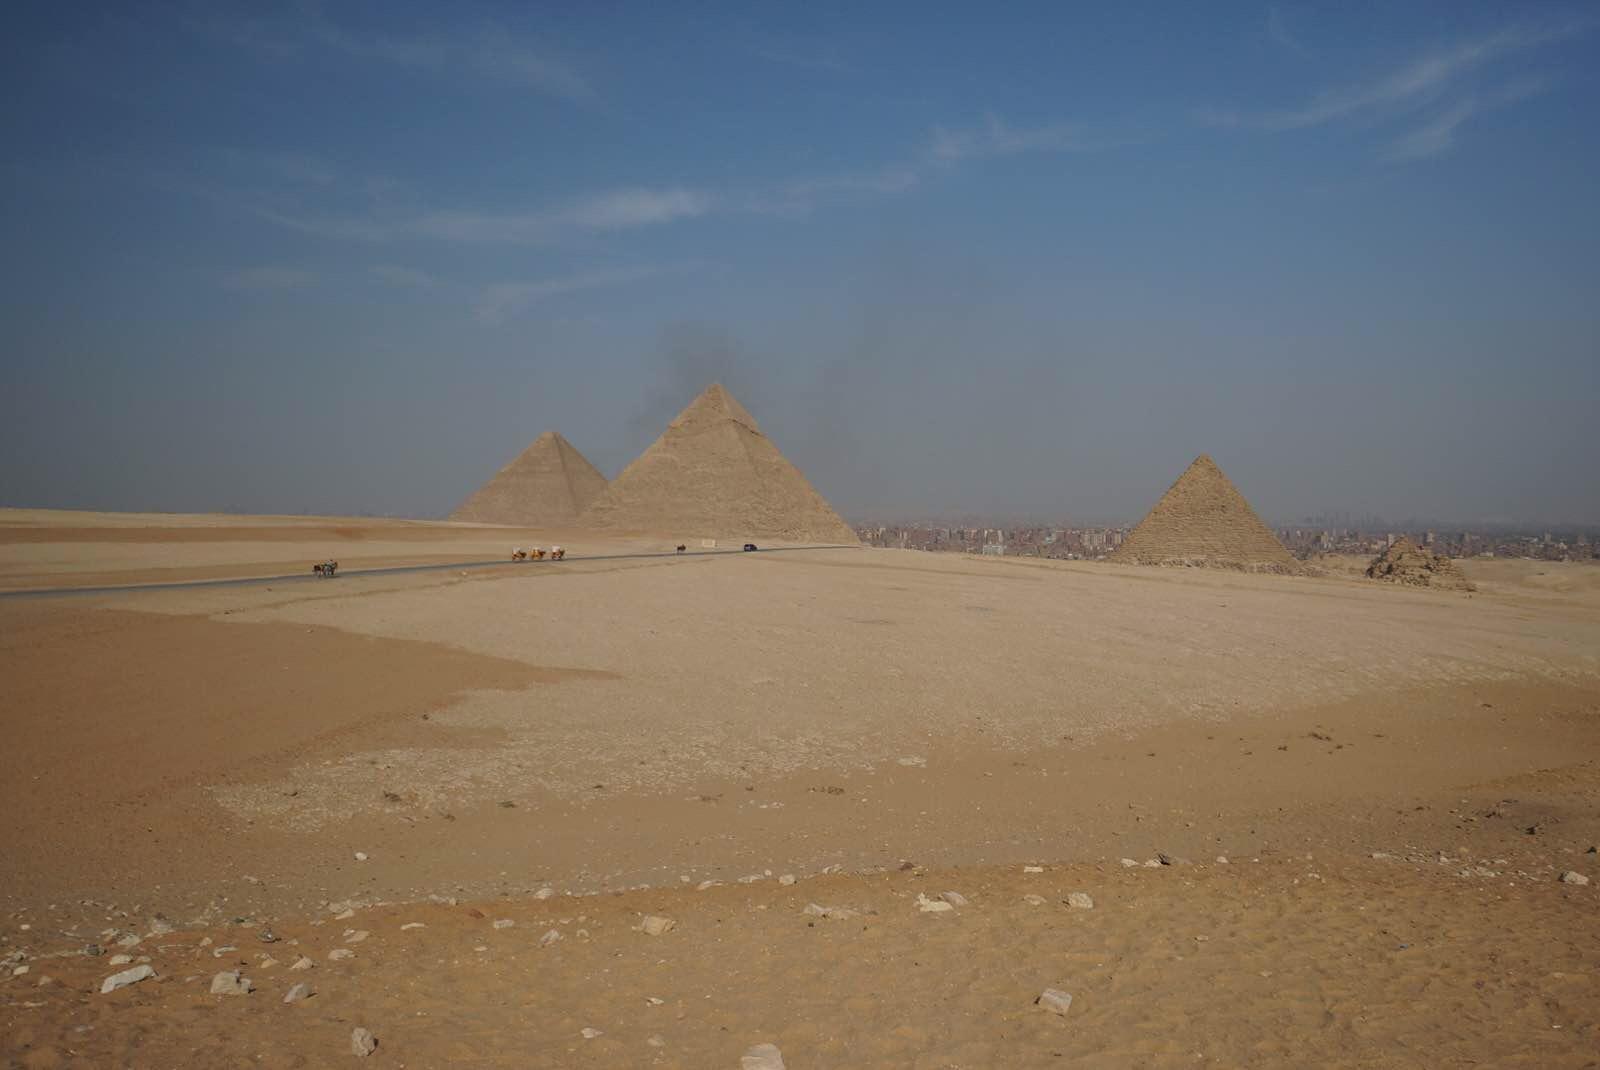 俯瞰胡夫金字塔,看着5000年前的文明,再看现今开罗城破败的样子,令人